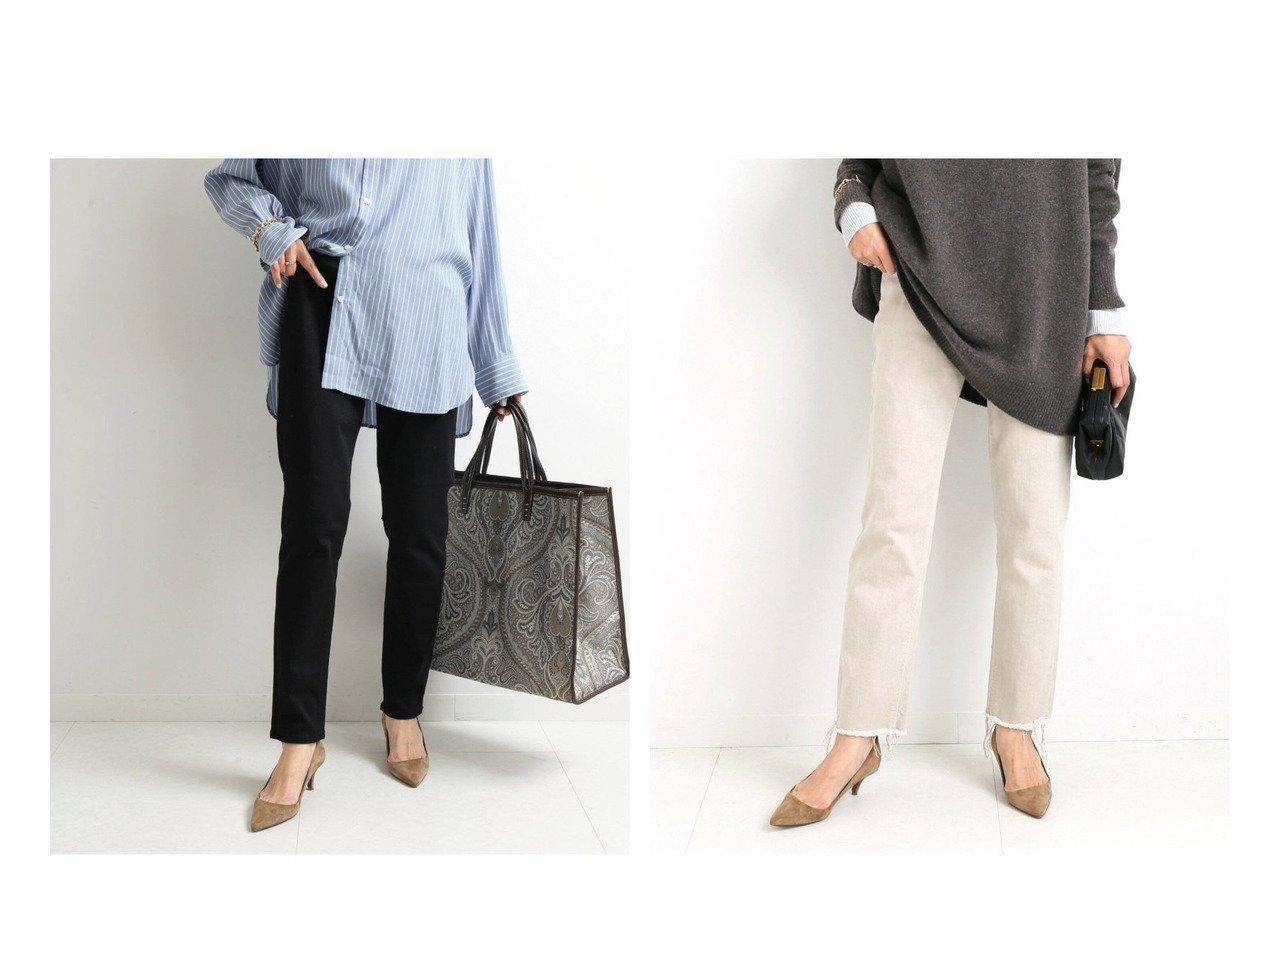 【IENA/イエナ】の【ヤヌーク】HIGH WAIST ANNETTE 57101218&【ヤヌーク】RUTH スリムテーパード デニムパンツ 【パンツ】おすすめ!人気、トレンド・レディースファッションの通販 おすすめで人気の流行・トレンド、ファッションの通販商品 インテリア・家具・メンズファッション・キッズファッション・レディースファッション・服の通販 founy(ファニー) https://founy.com/ ファッション Fashion レディースファッション WOMEN パンツ Pants デニムパンツ Denim Pants シューズ ジーンズ スキニー ストレッチ デニム フィット フラット ワイド 2021年 2021 S/S・春夏 SS・Spring/Summer 2021春夏・S/S SS/Spring/Summer/2021 |ID:crp329100000045108